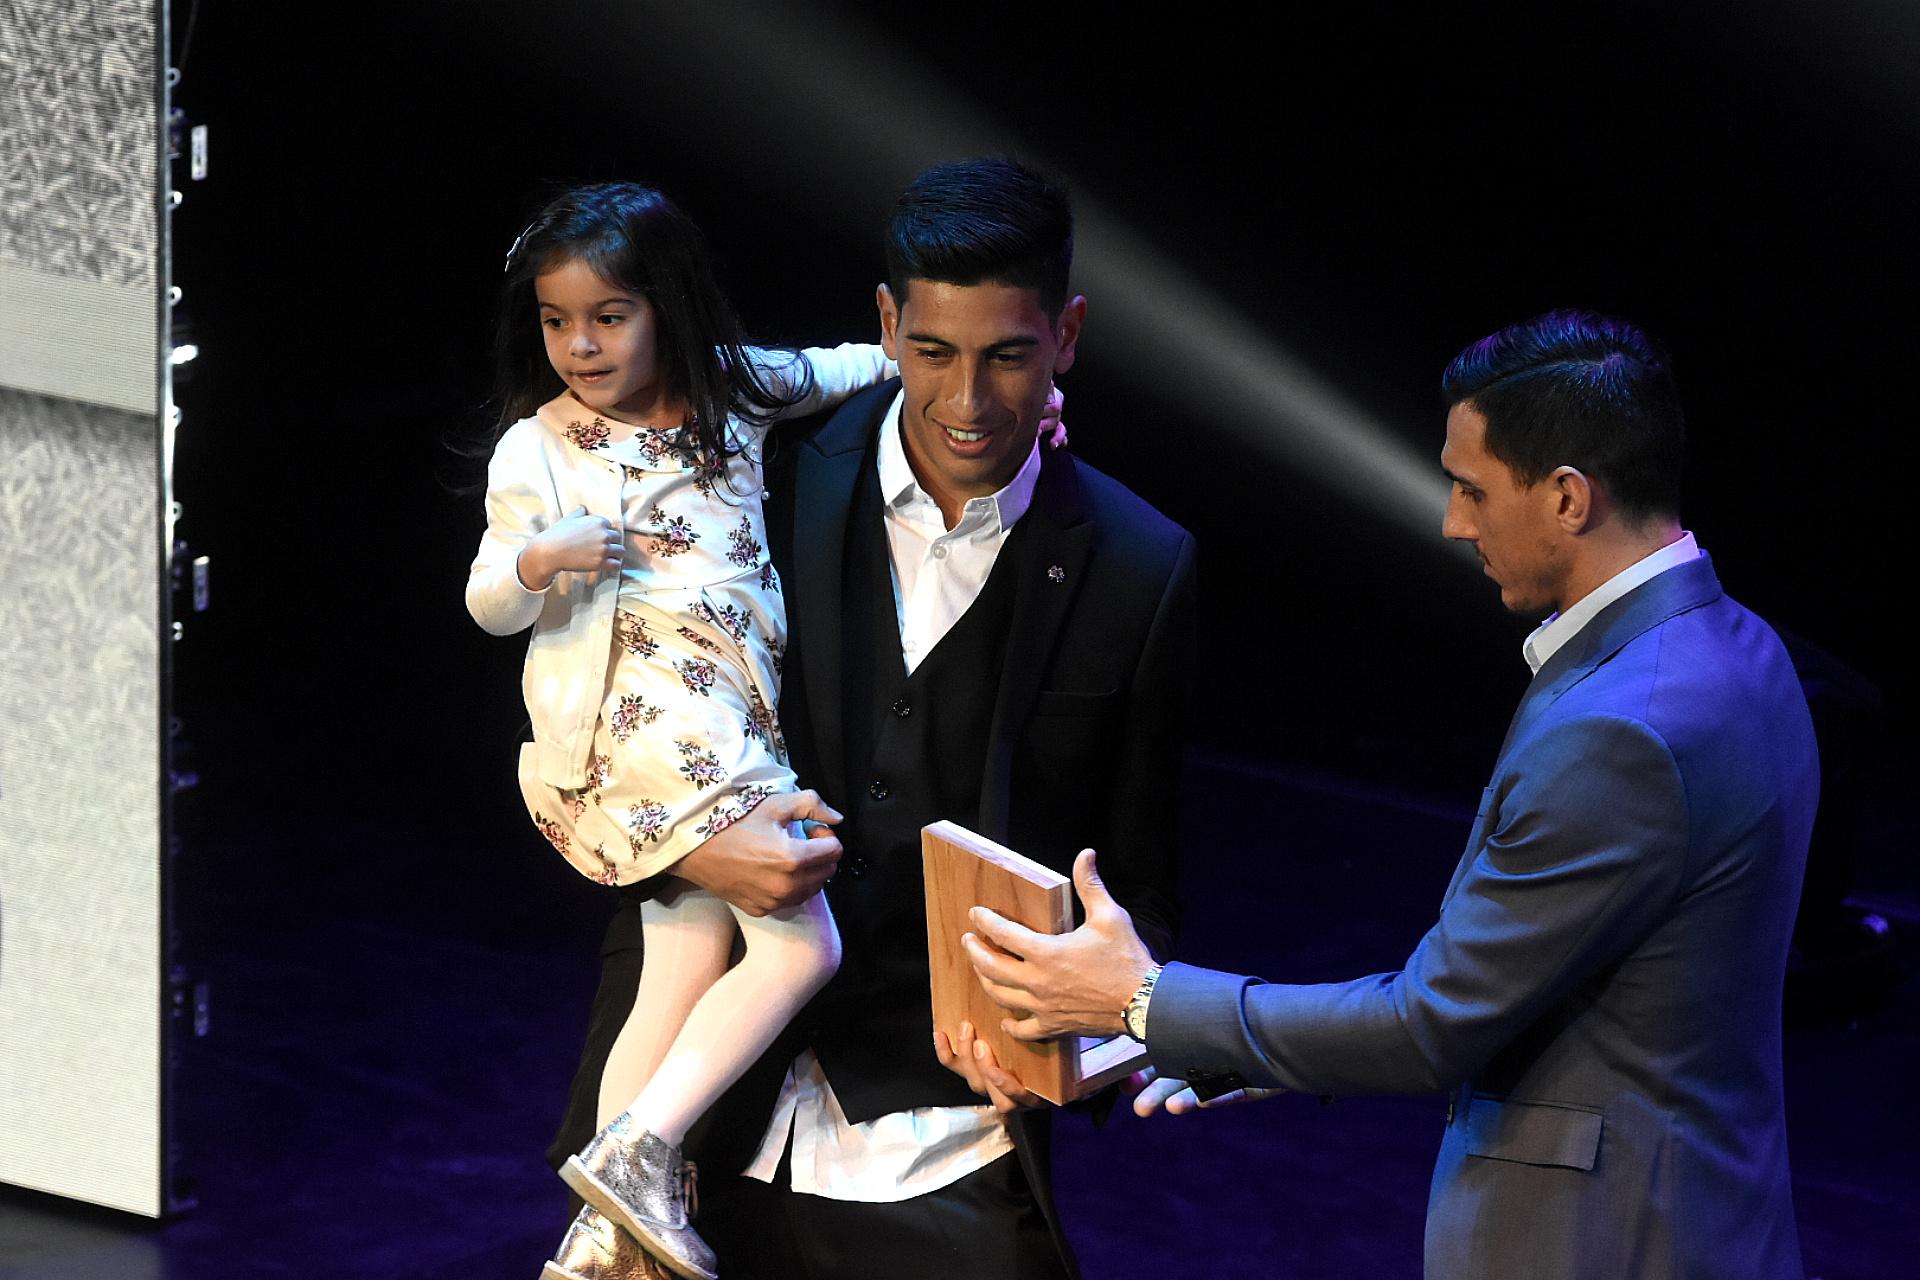 Esteban Andrada con el premio al mejor arquero de la Superliga